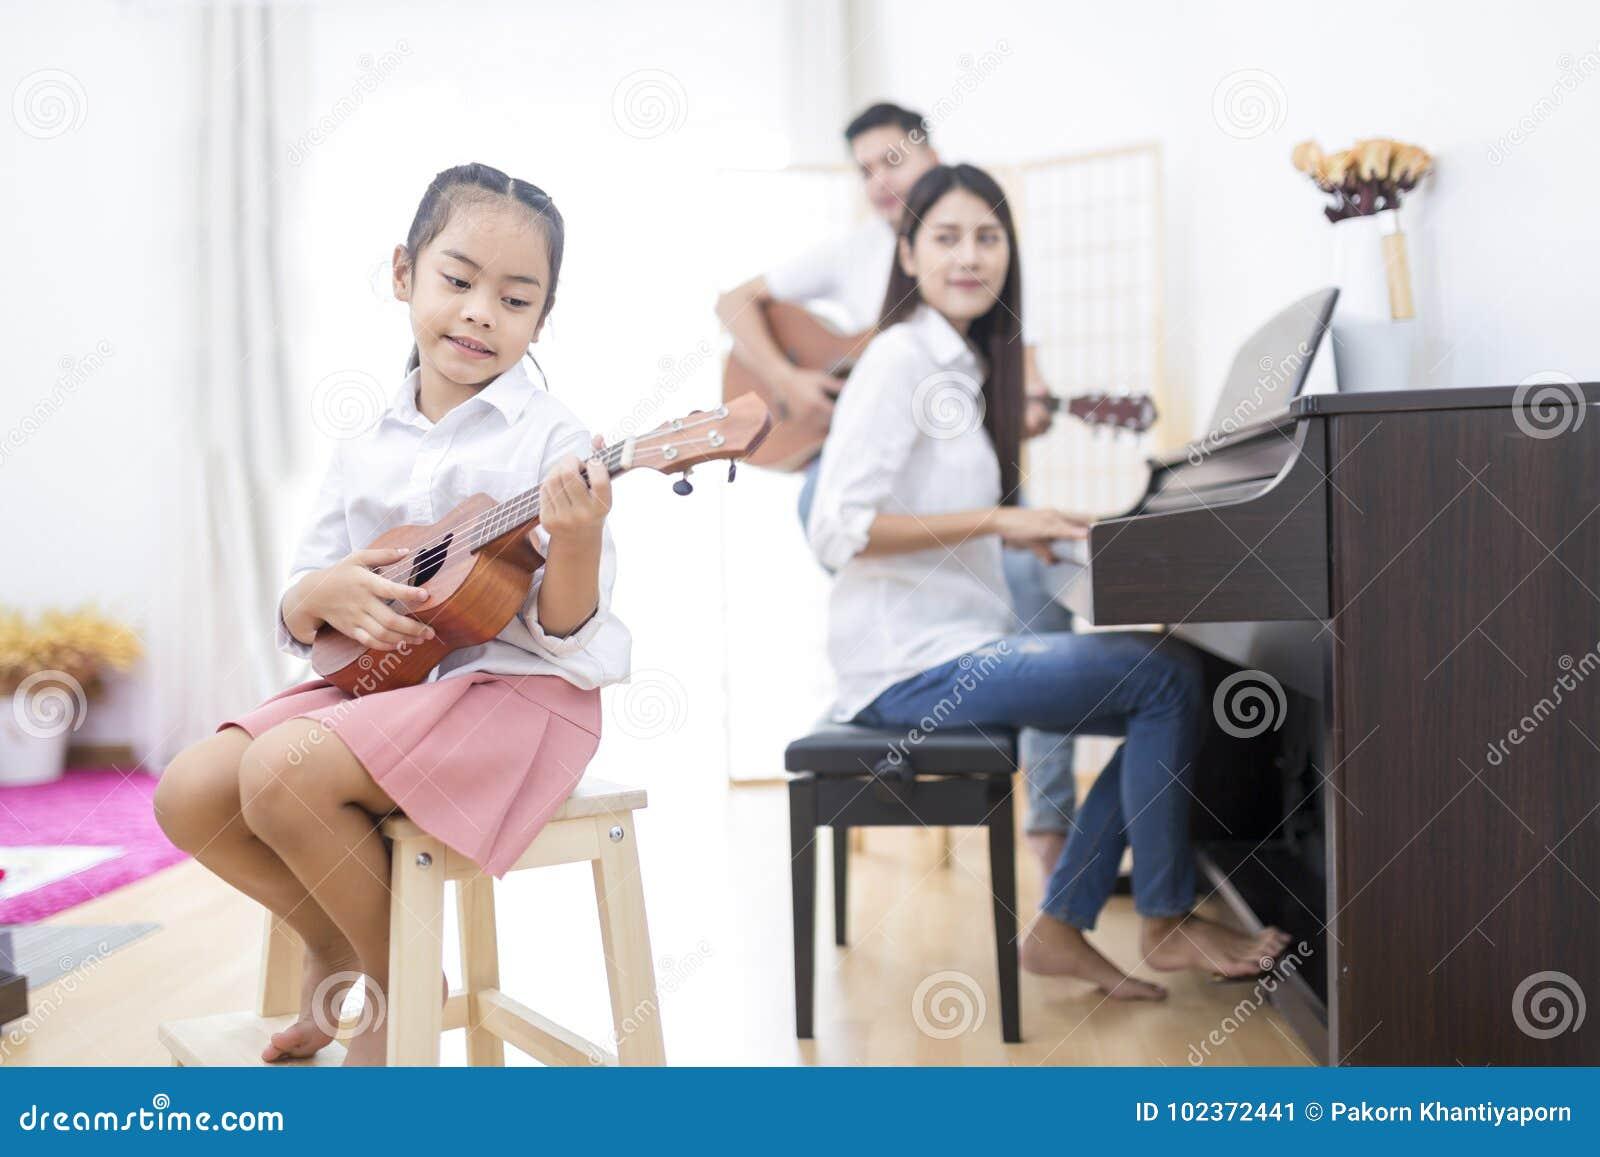 Ασιατική οικογένεια, κόρη που παίζει ukulele, κιθάρα παιχνιδιού πατέρων, σκώρος